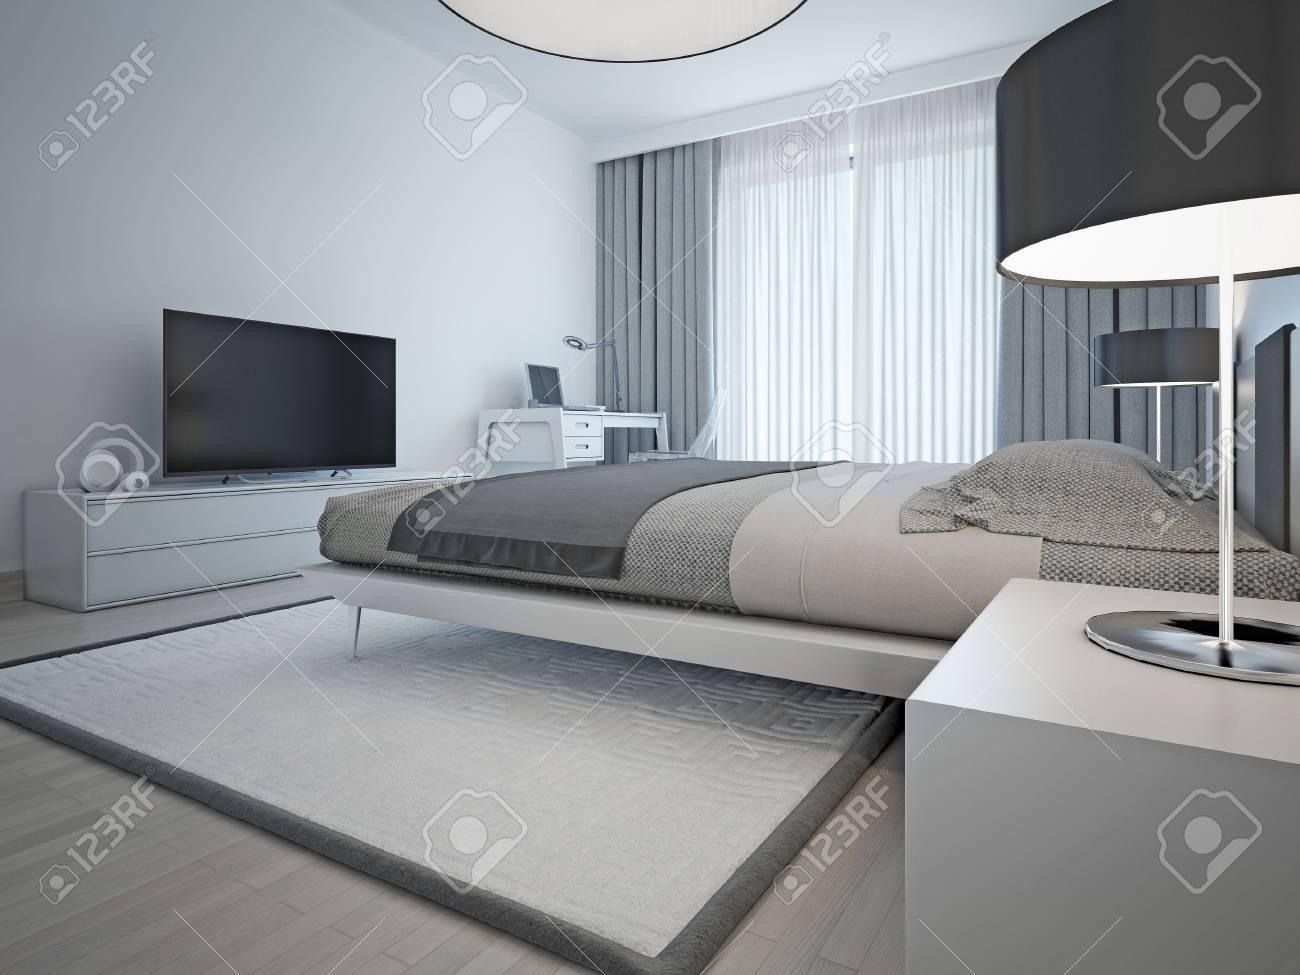 Monocromo Habitación Contemporánea. La Cama Elegante Y Muebles ...